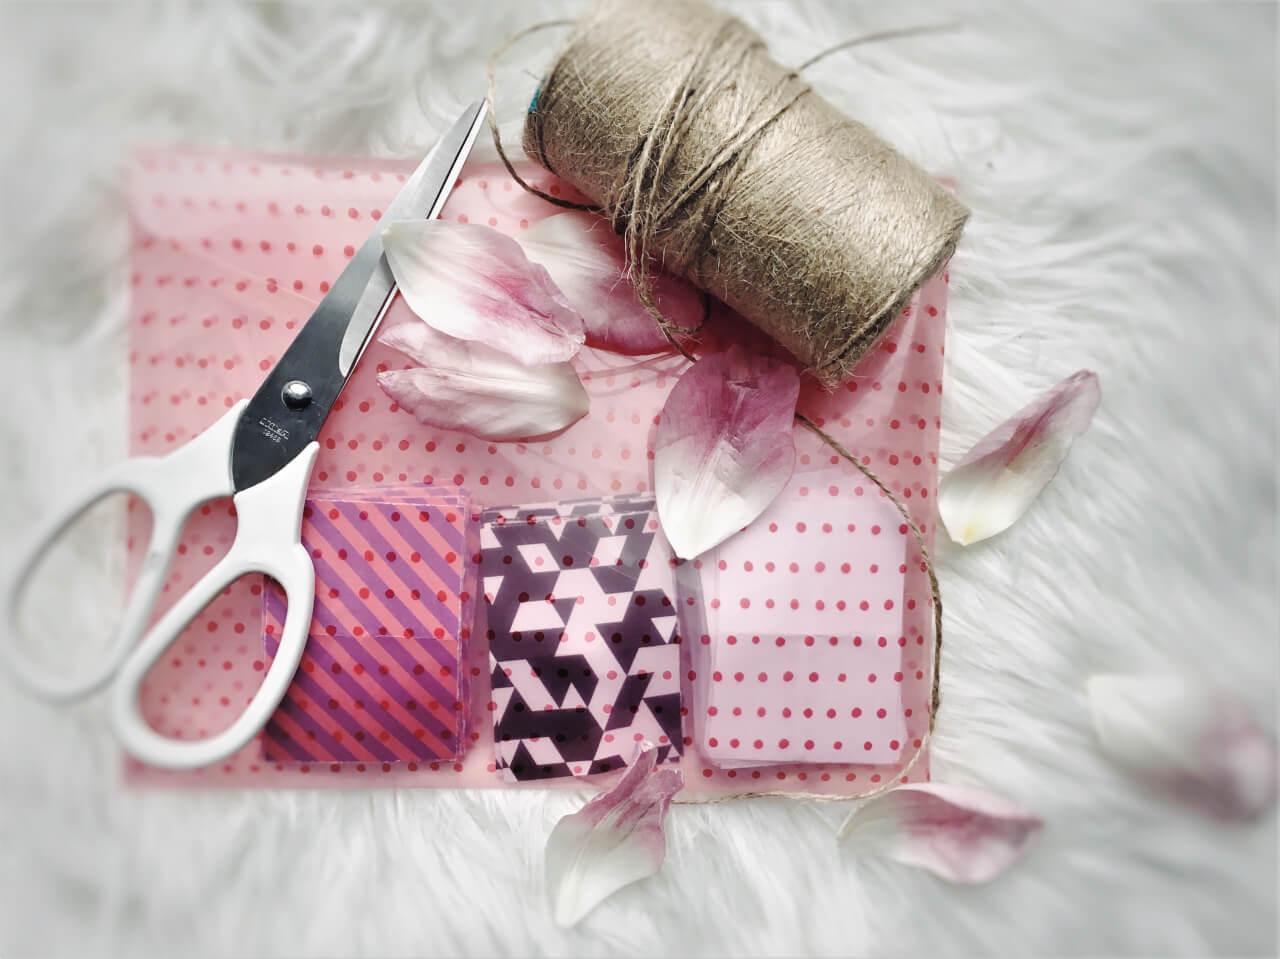 valentine4 - Sag es mit einem Geschenk oder Inspirationen für Verliebte